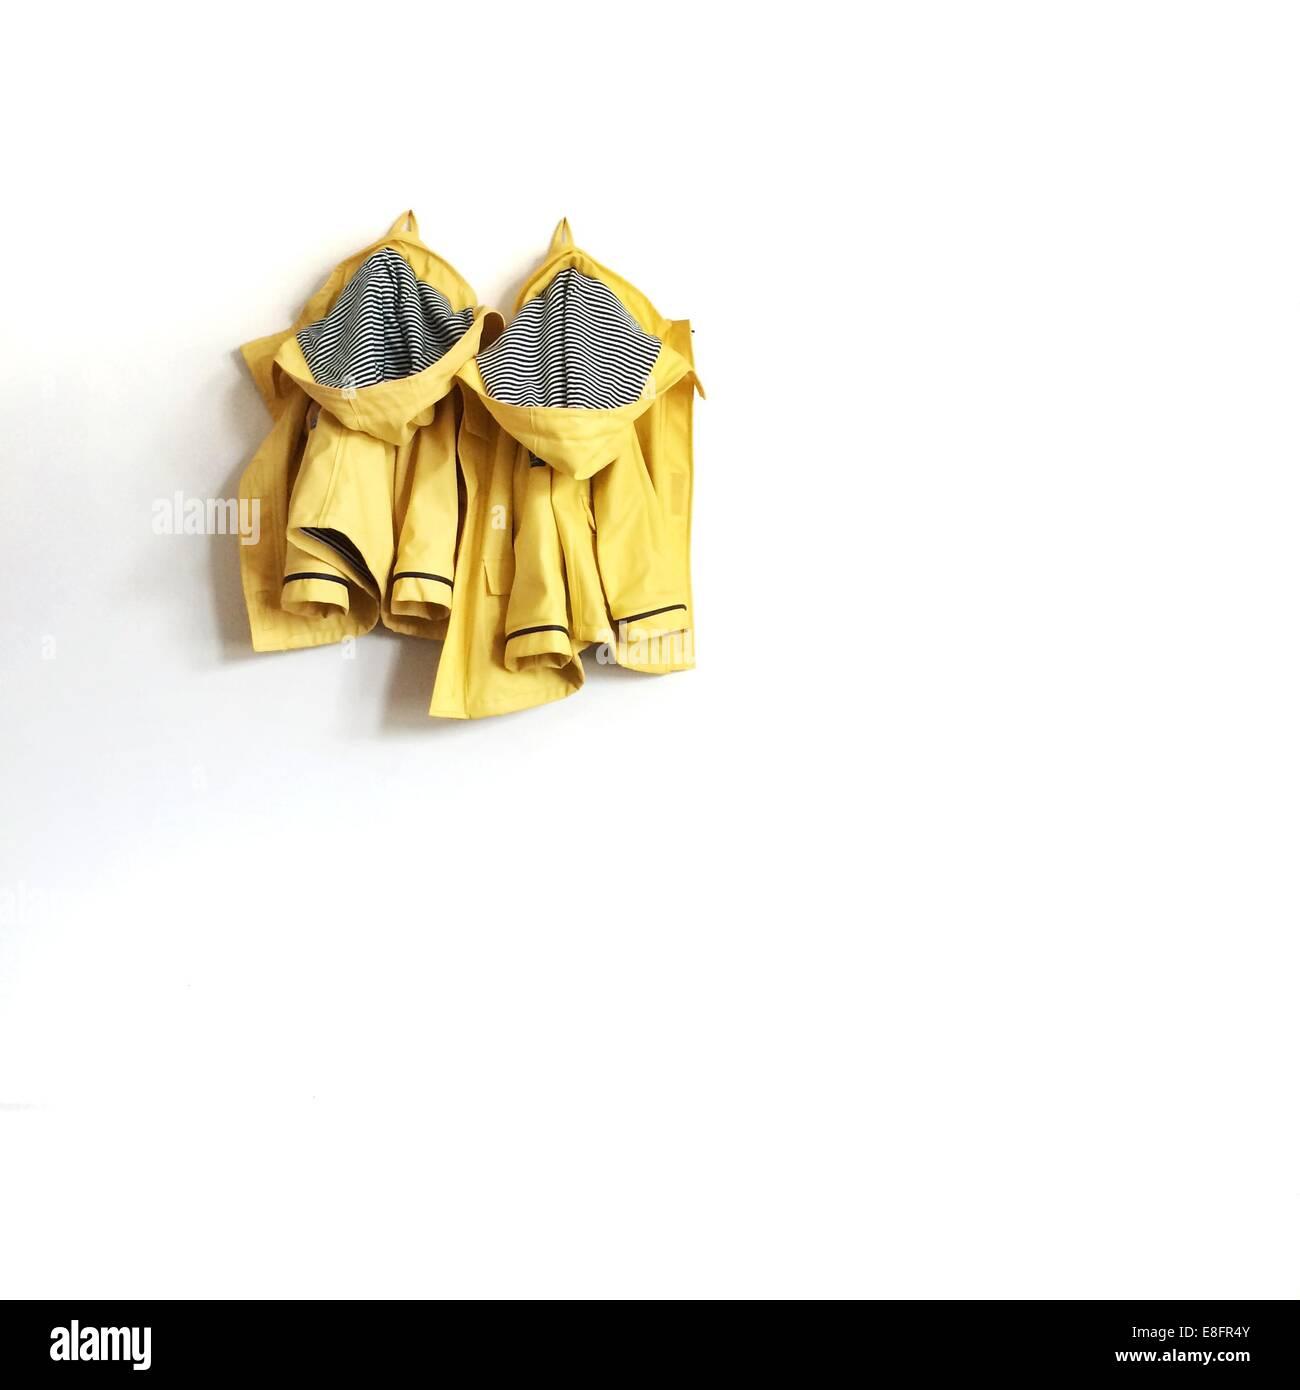 Two yellow raincoats hanging on wall - Stock Image